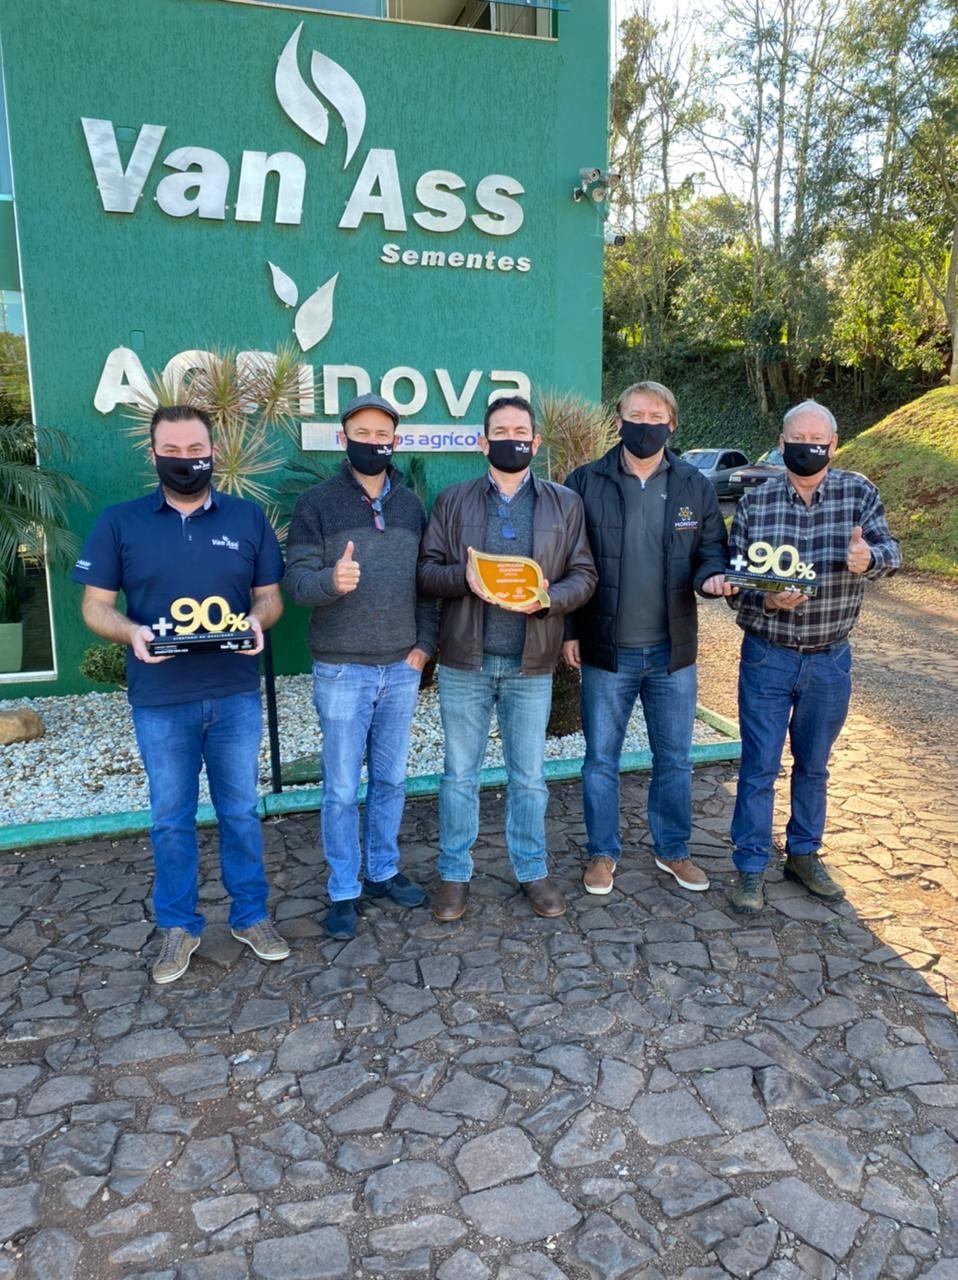 Van Ass Sementes recebe reconhecimento Monsoy por sementes de alta qualidade